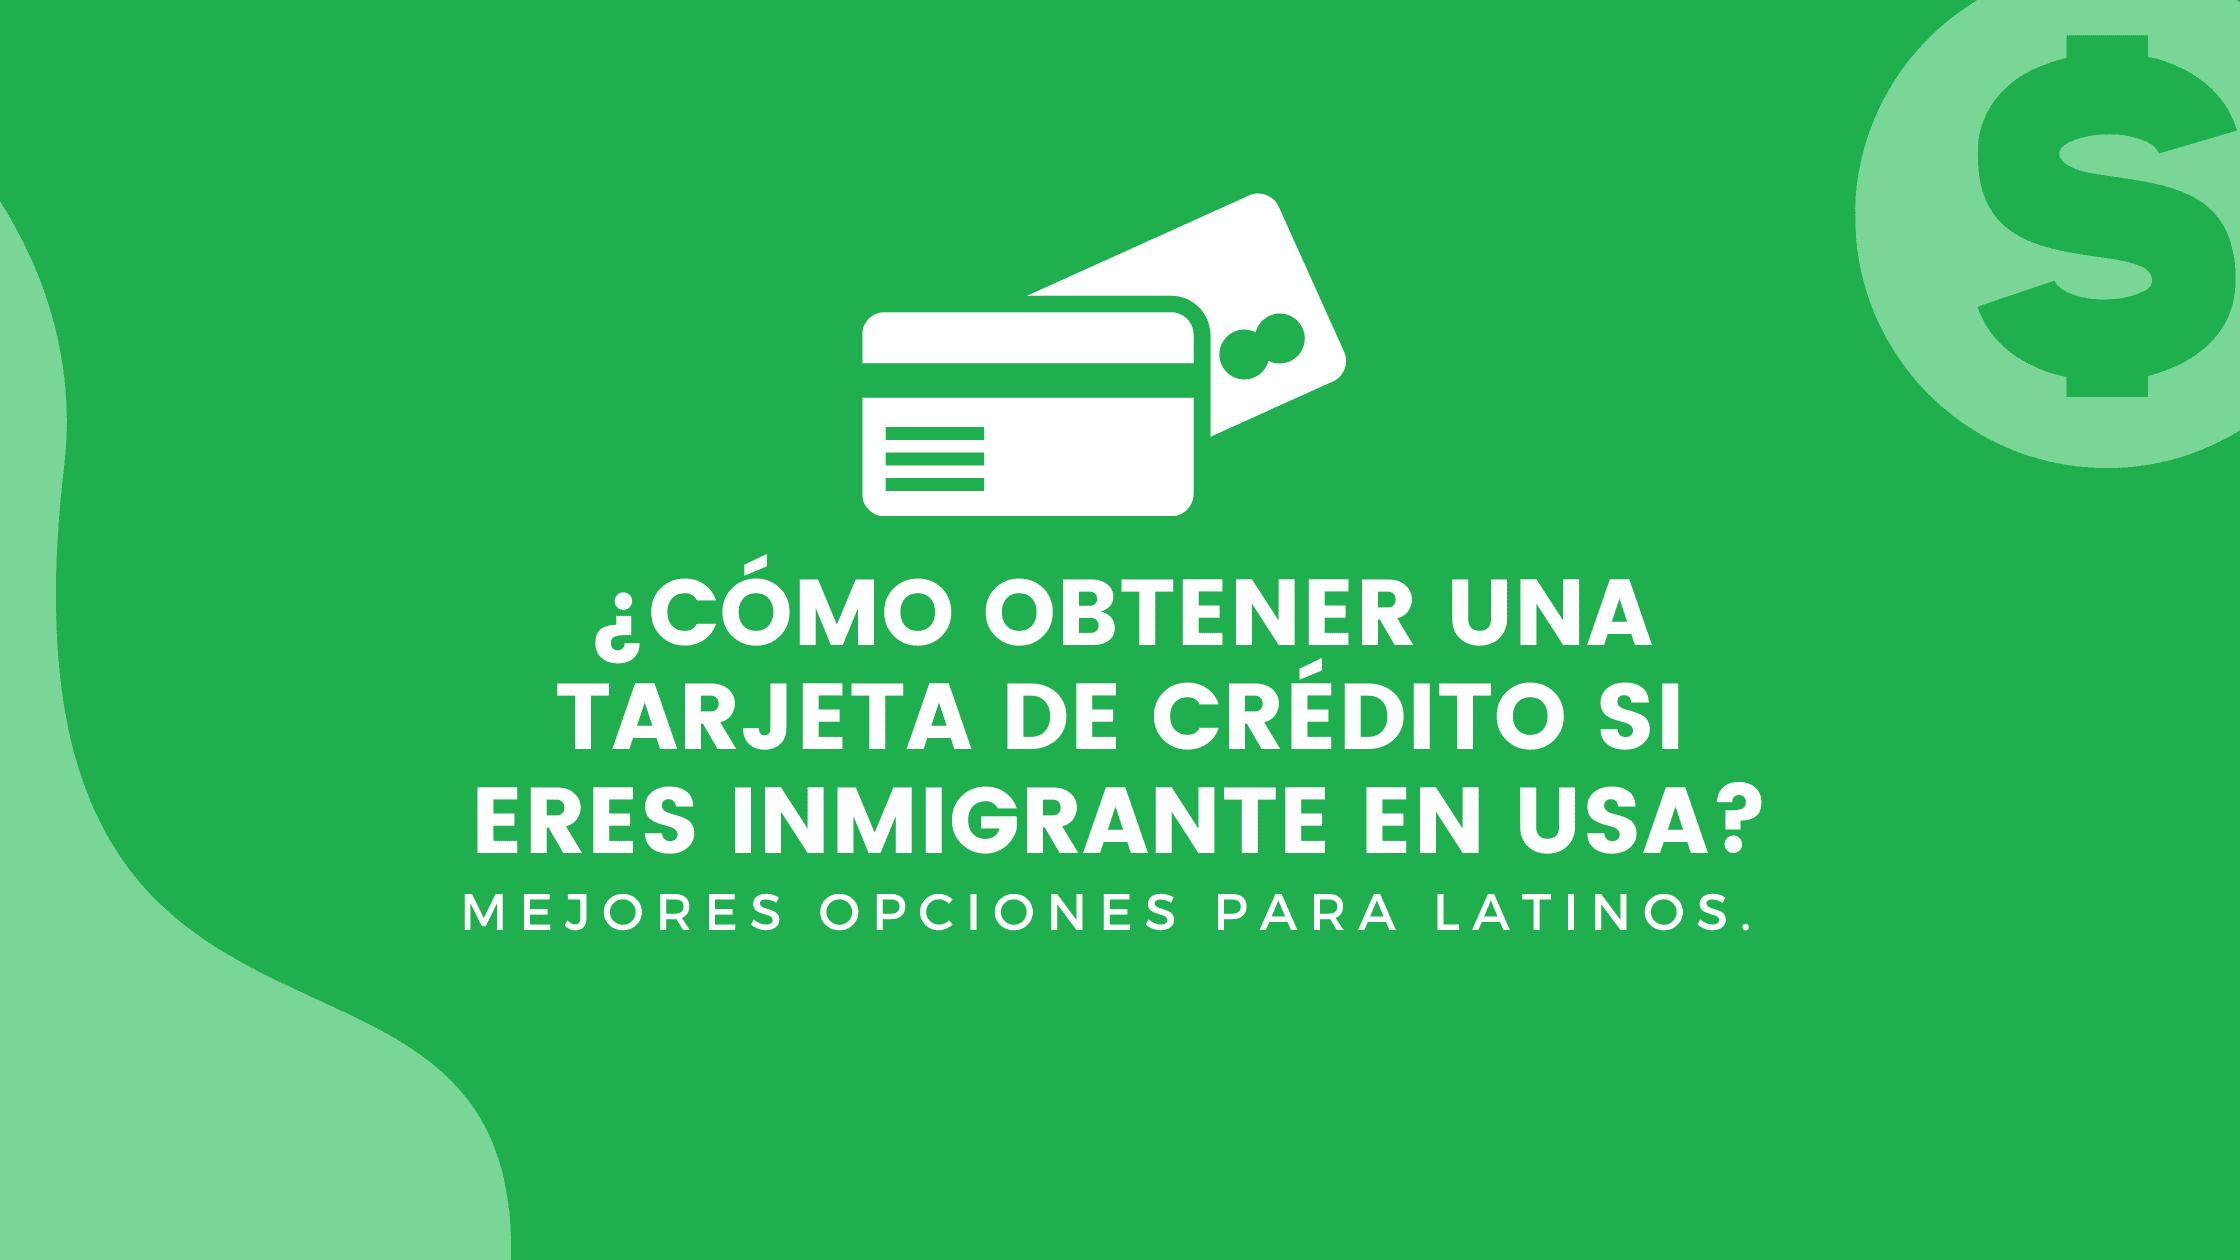 cómo obtener una tarjeta de crédito si eres inmigrante en USA